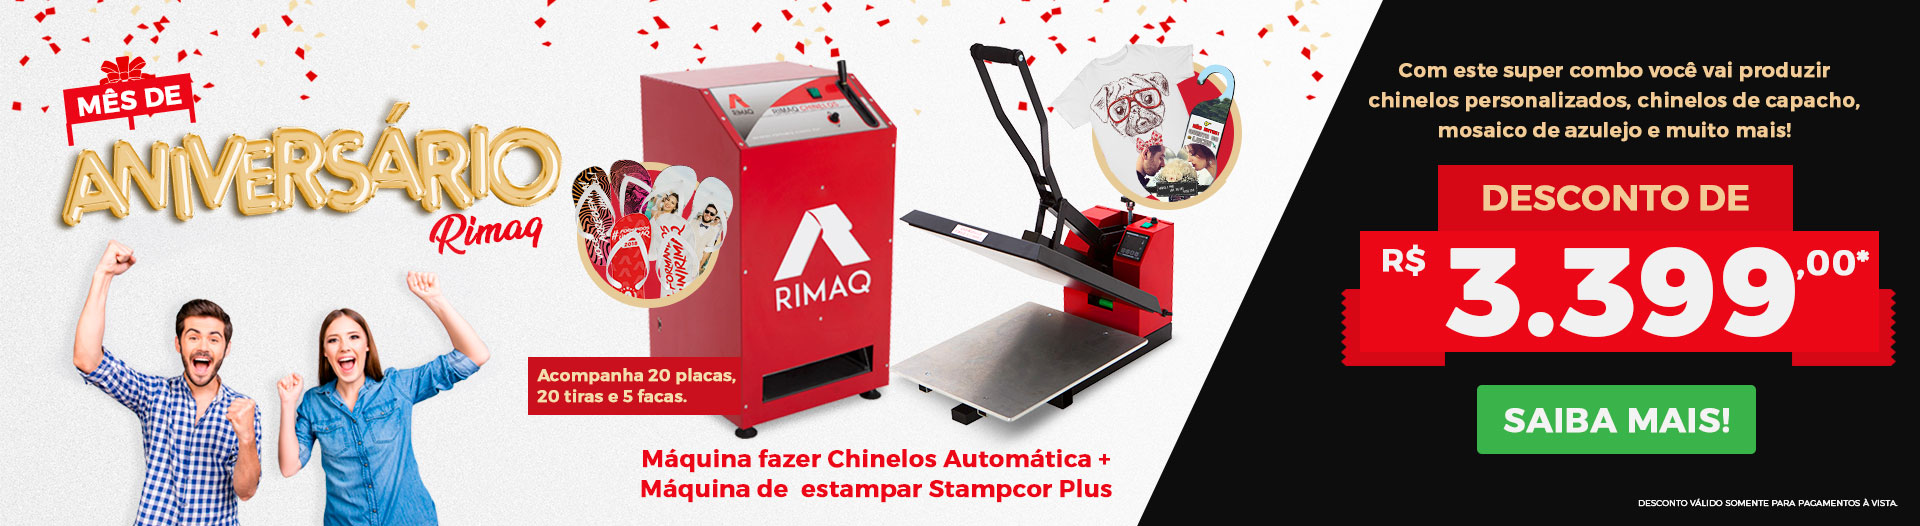 banner-site-aniversario-rimaq-maquina-de-chinelos